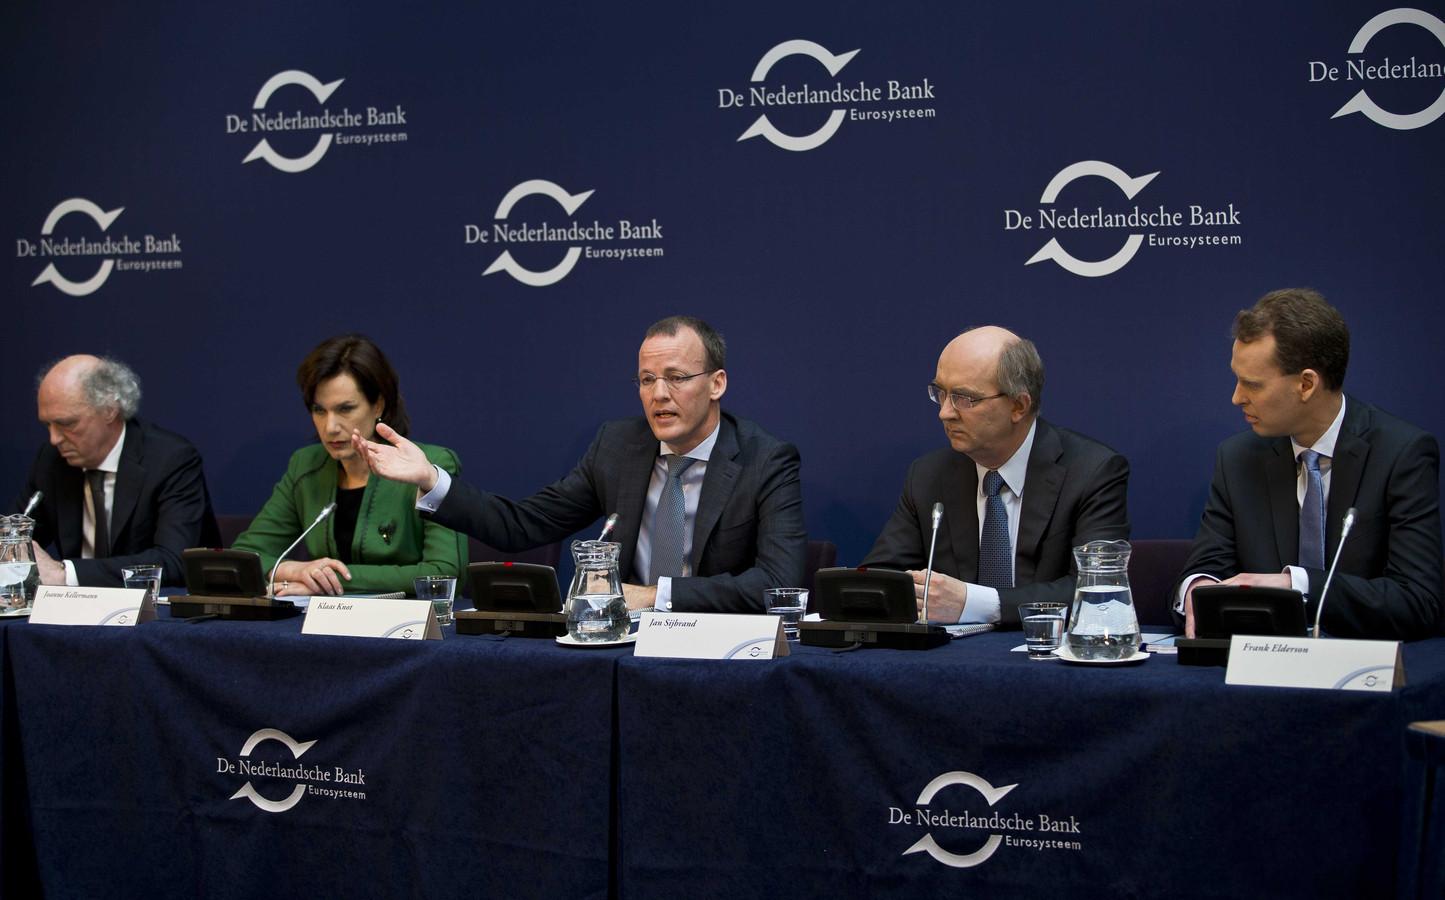 De directie van DNB in 2014 bij de bekendmaking van het jaarverslag. Helemaal links Job Swank.